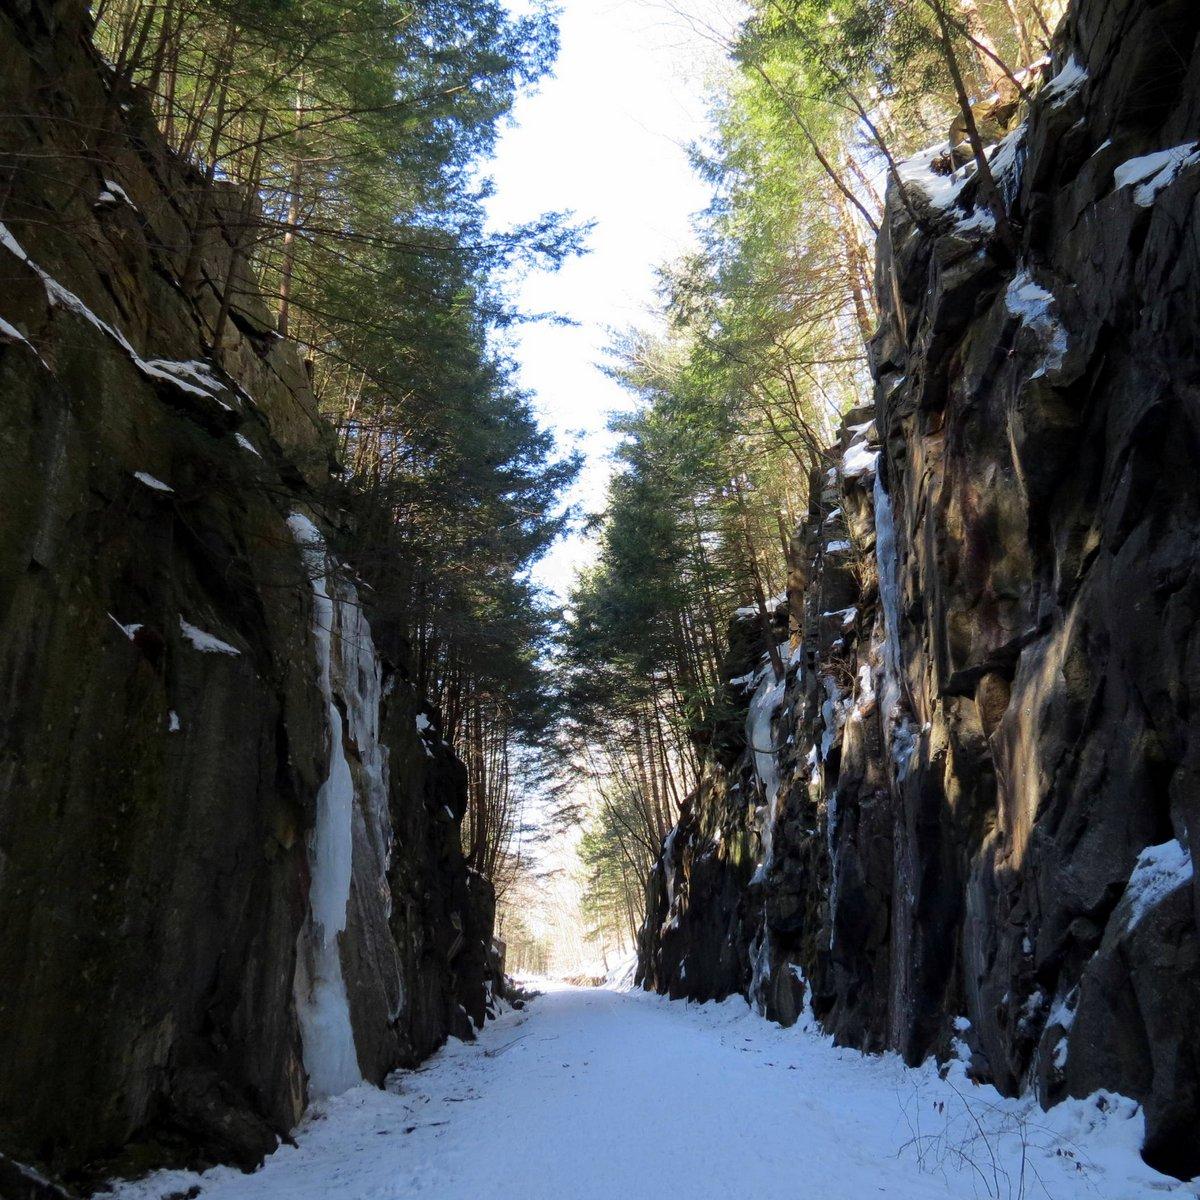 6. Trail through Ledges